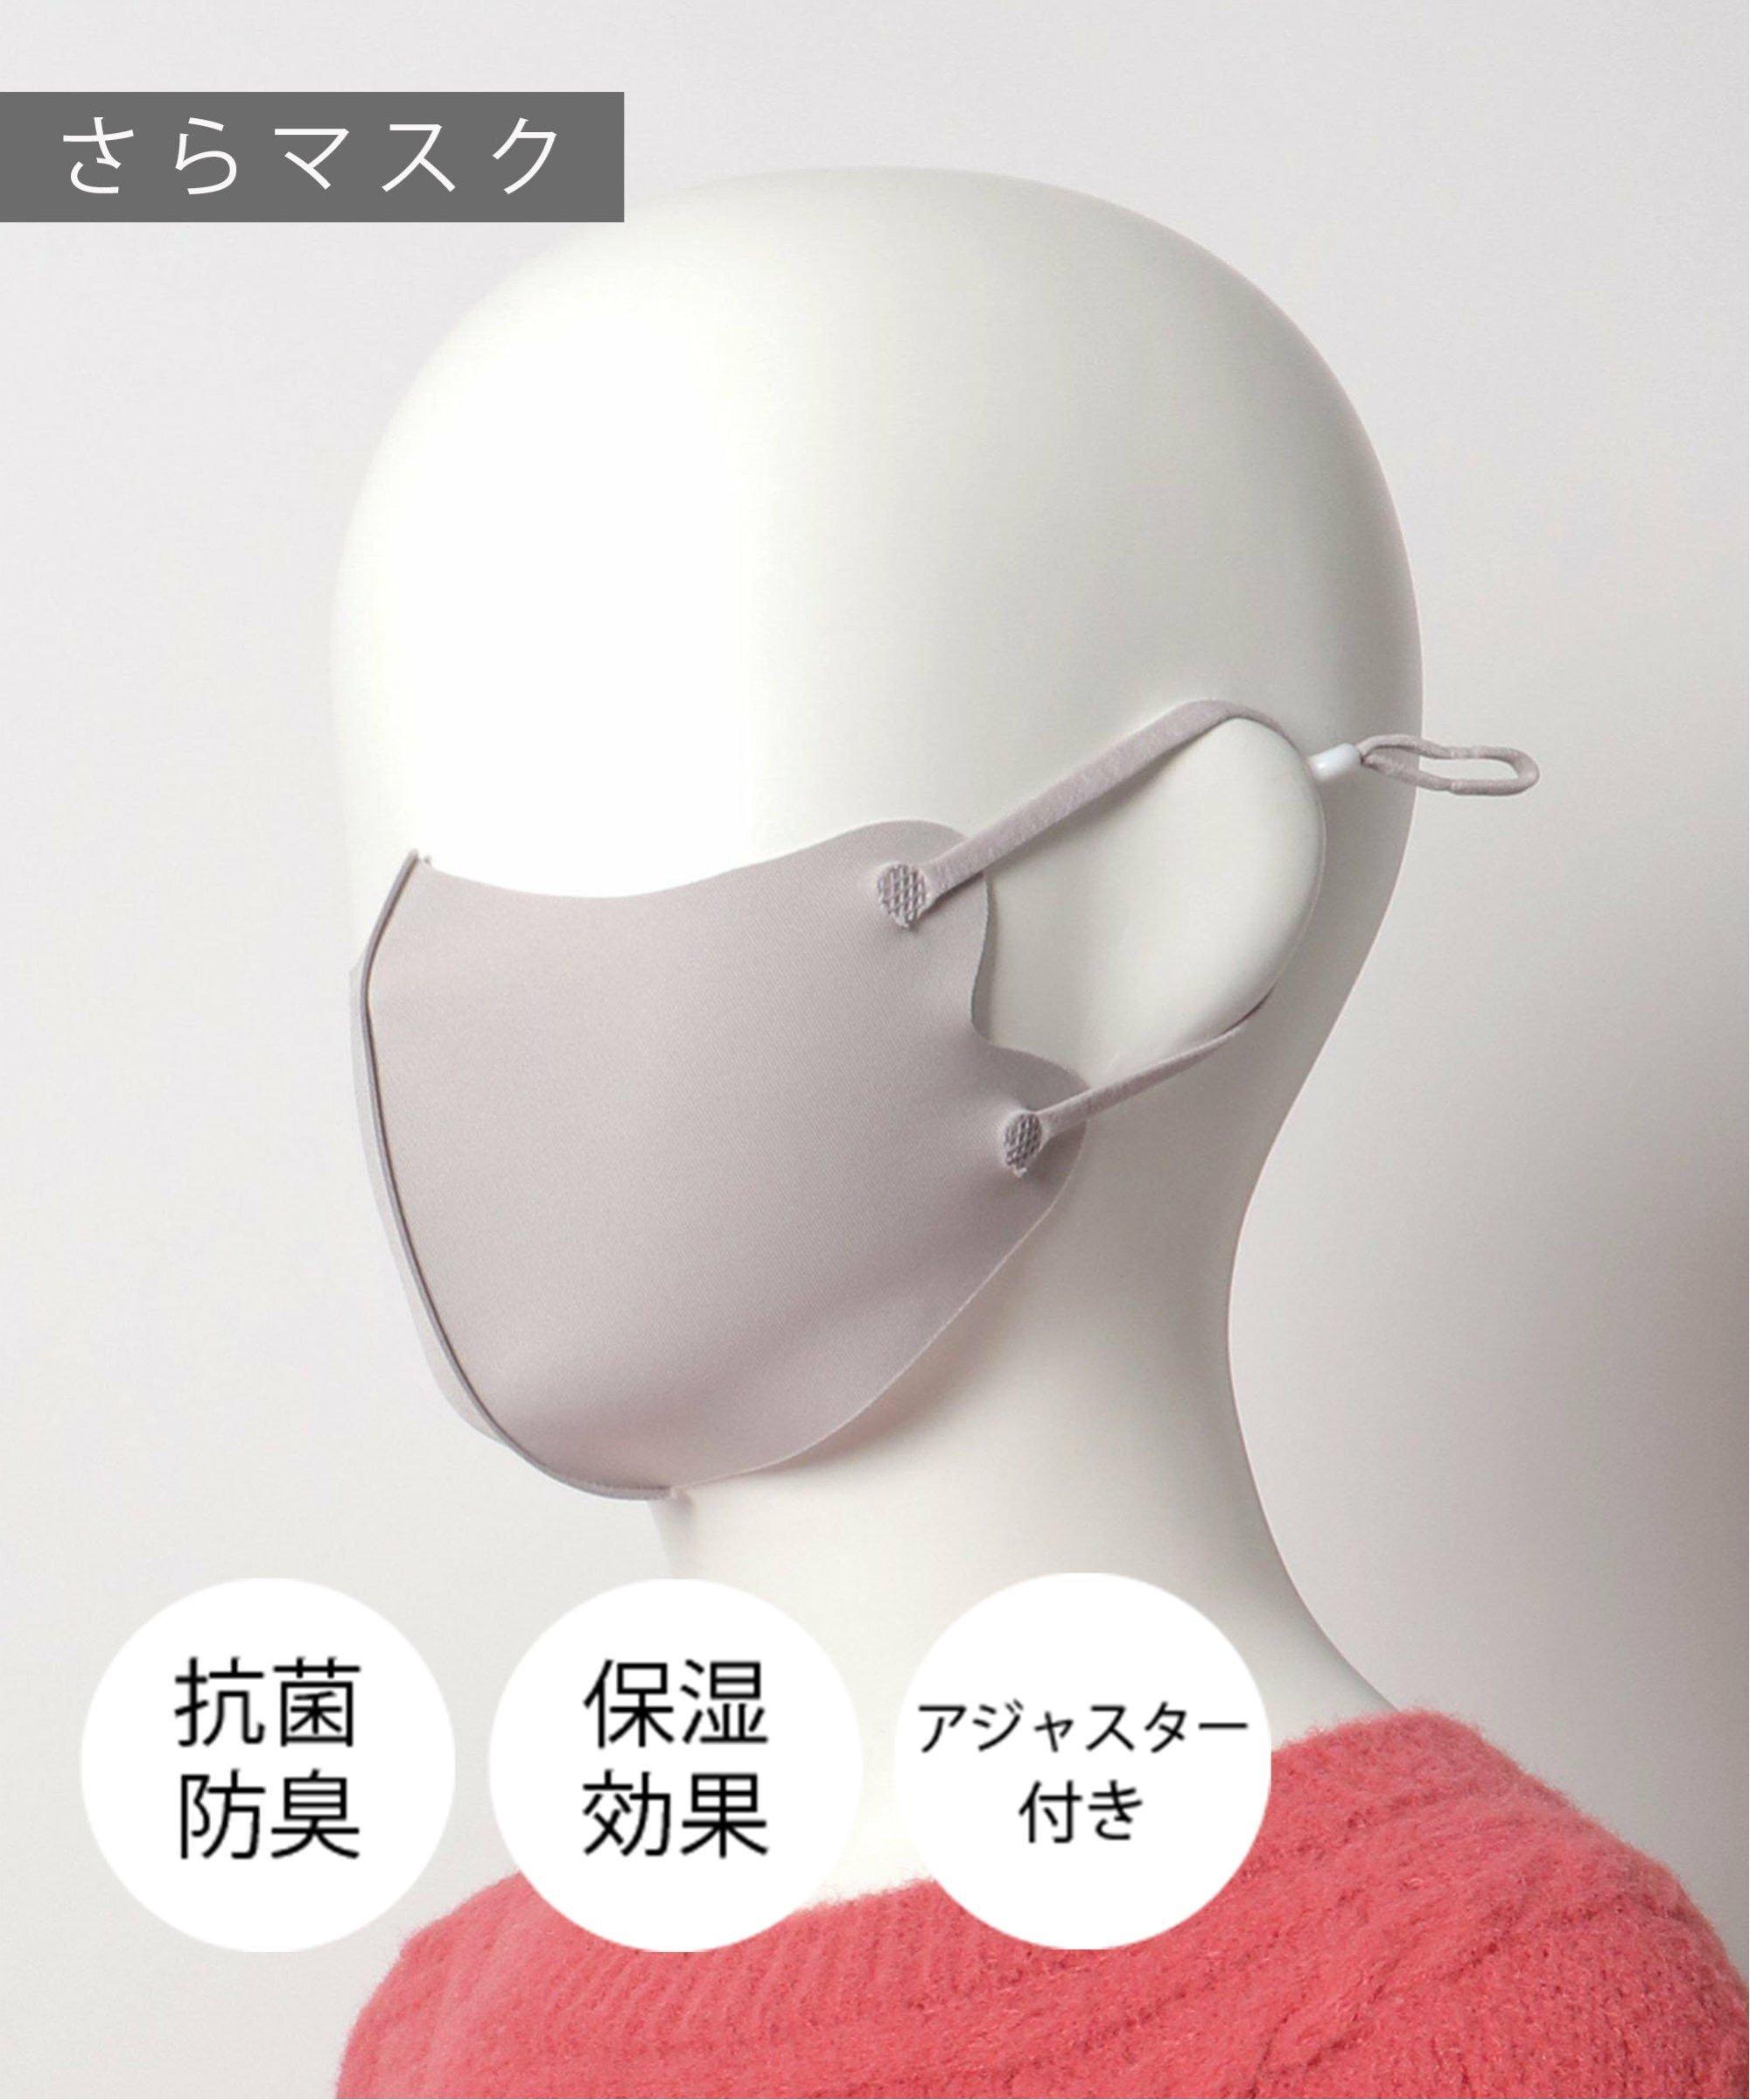 【こども用】 調節ひも付き さらマスク  ミディアムグレー